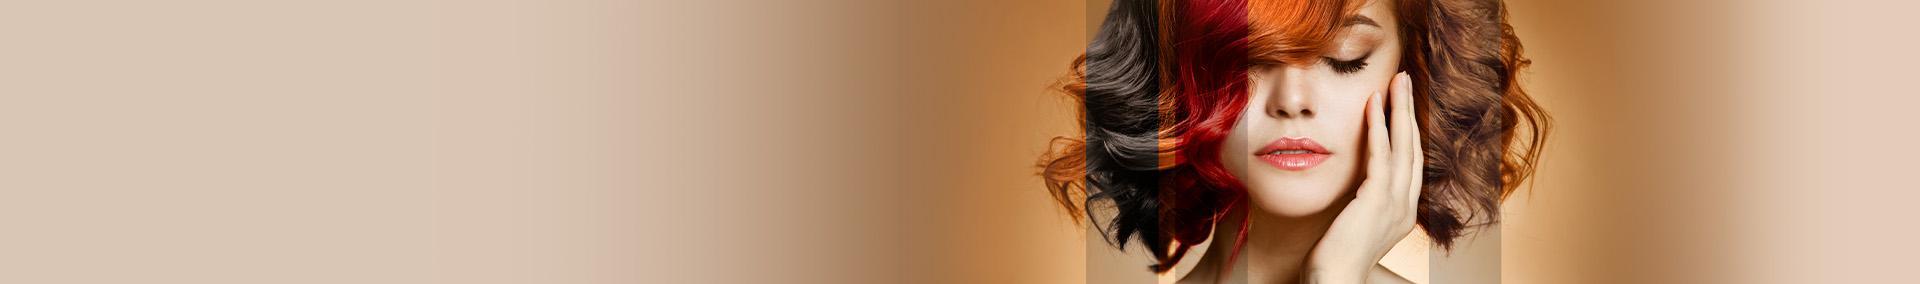 kobieta z wymodelowanymi włosami - banner